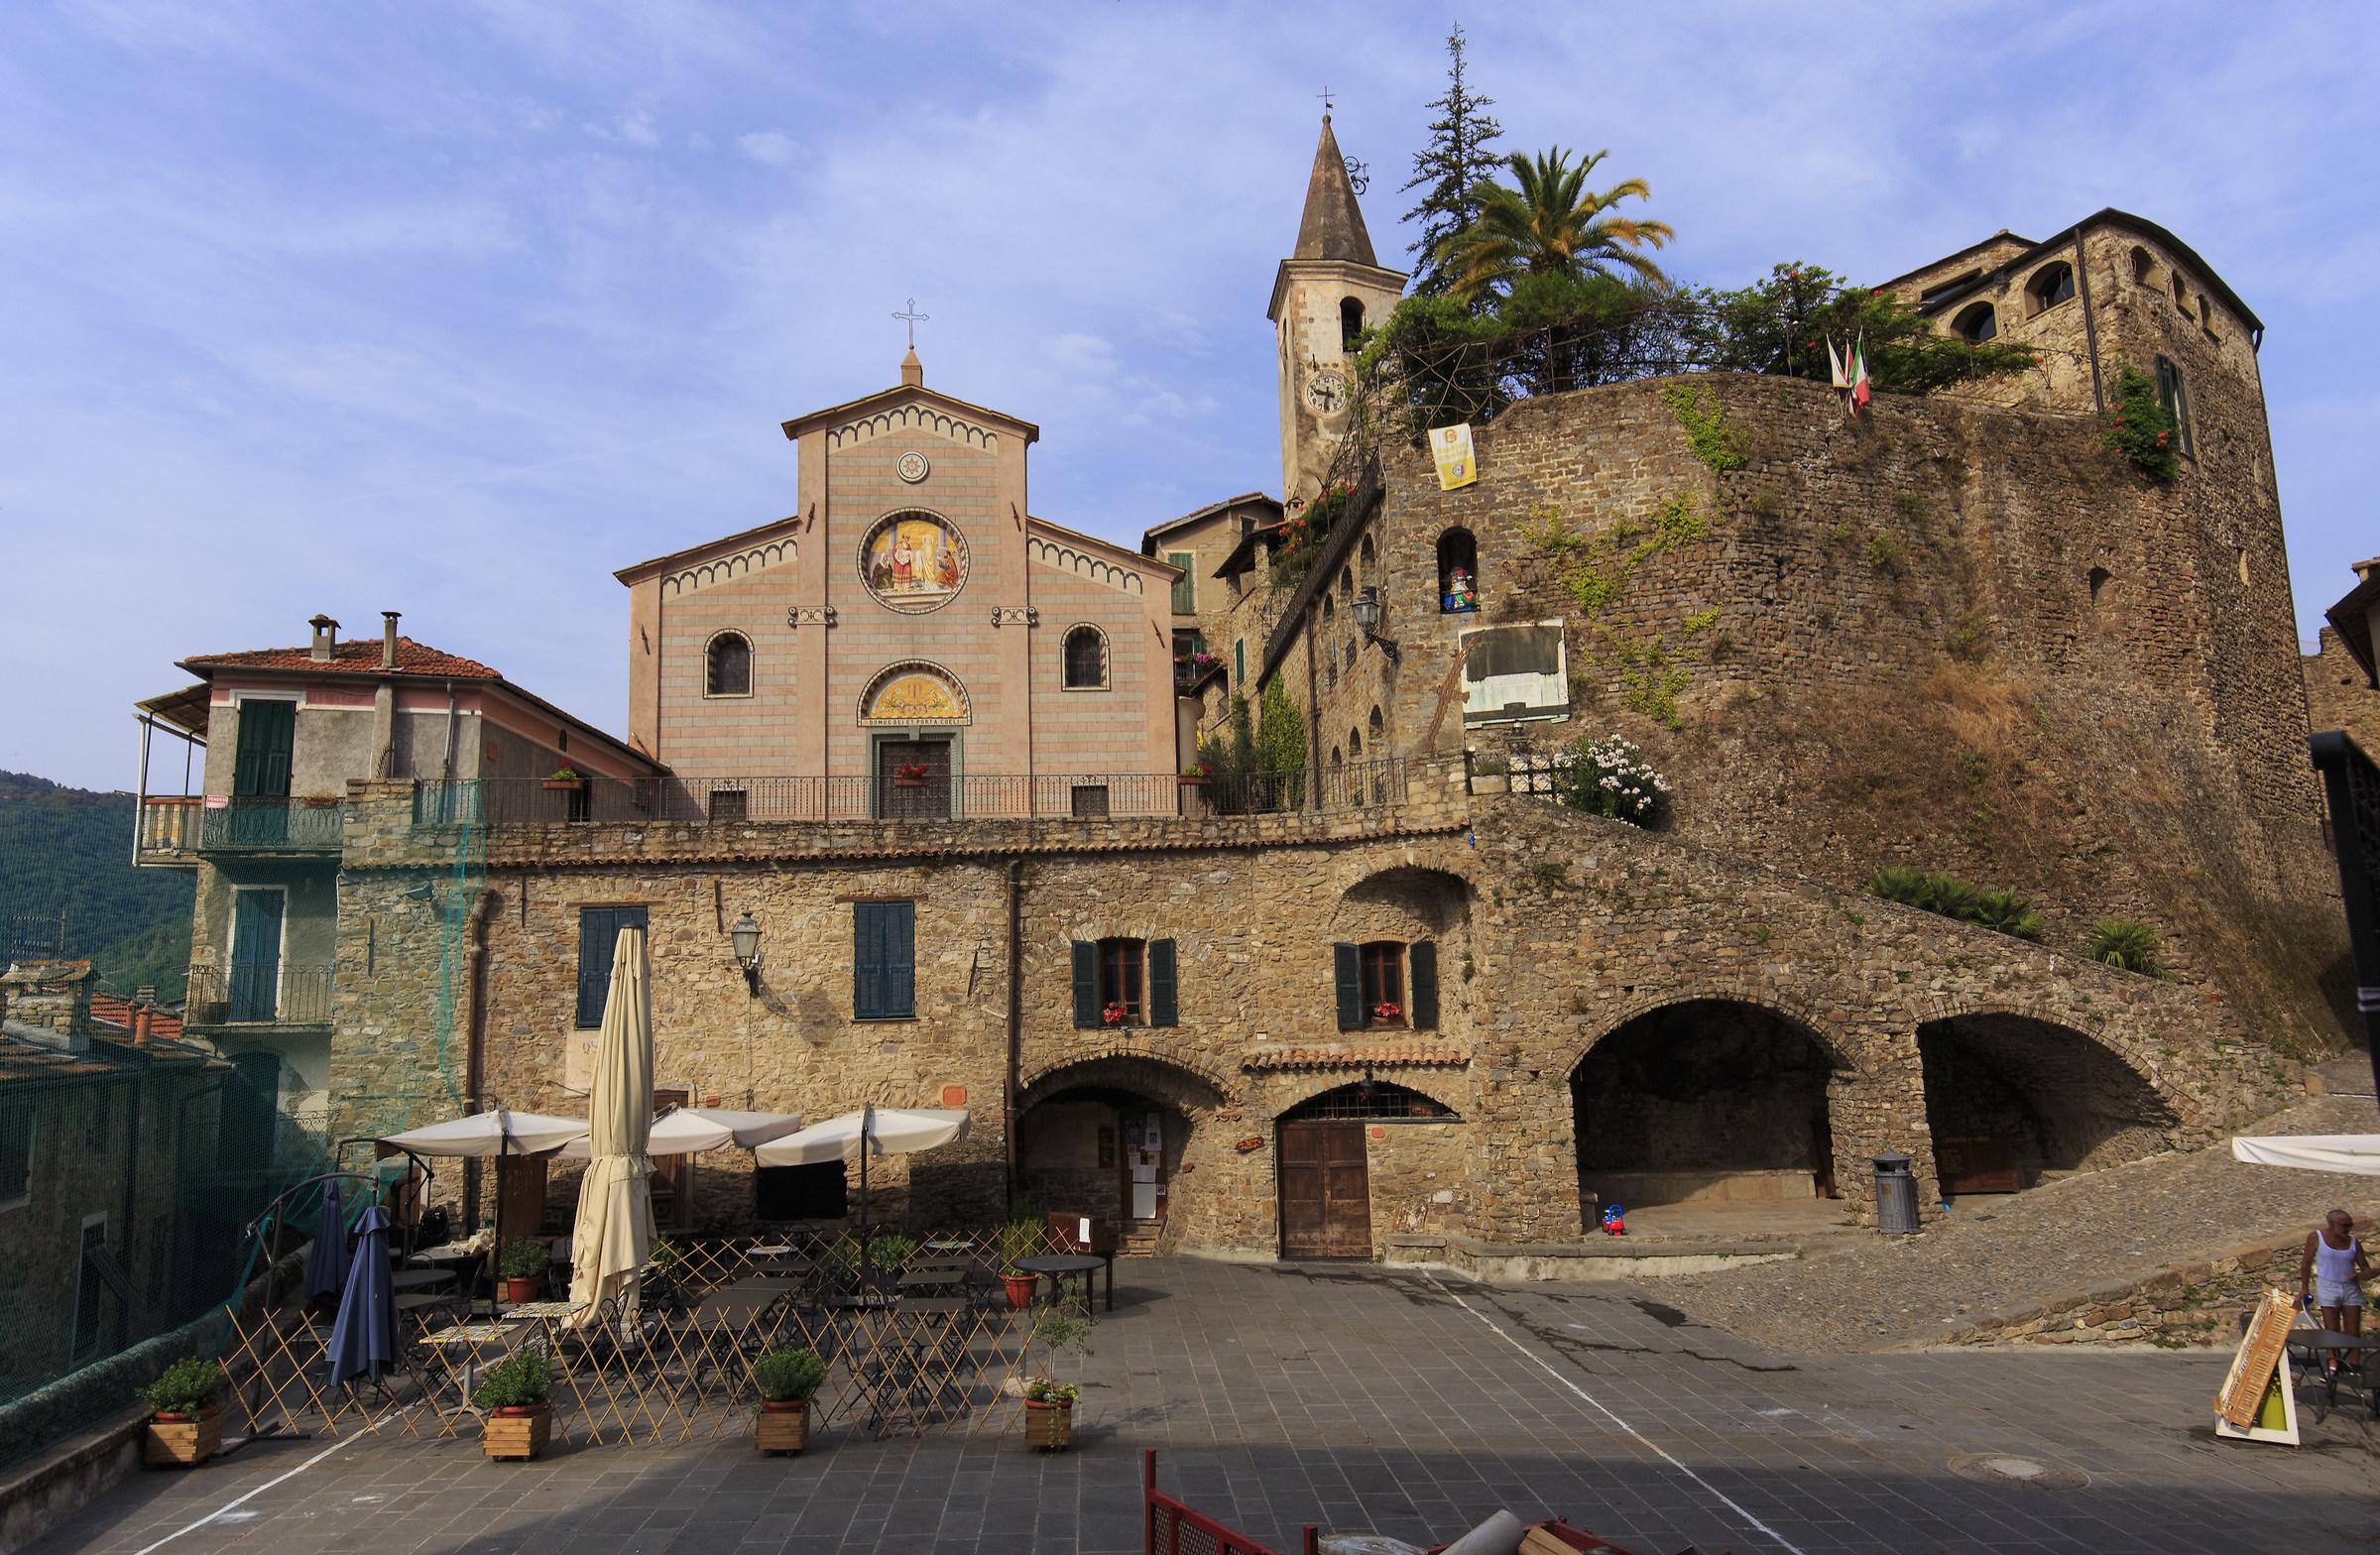 Piazza di Apricale...